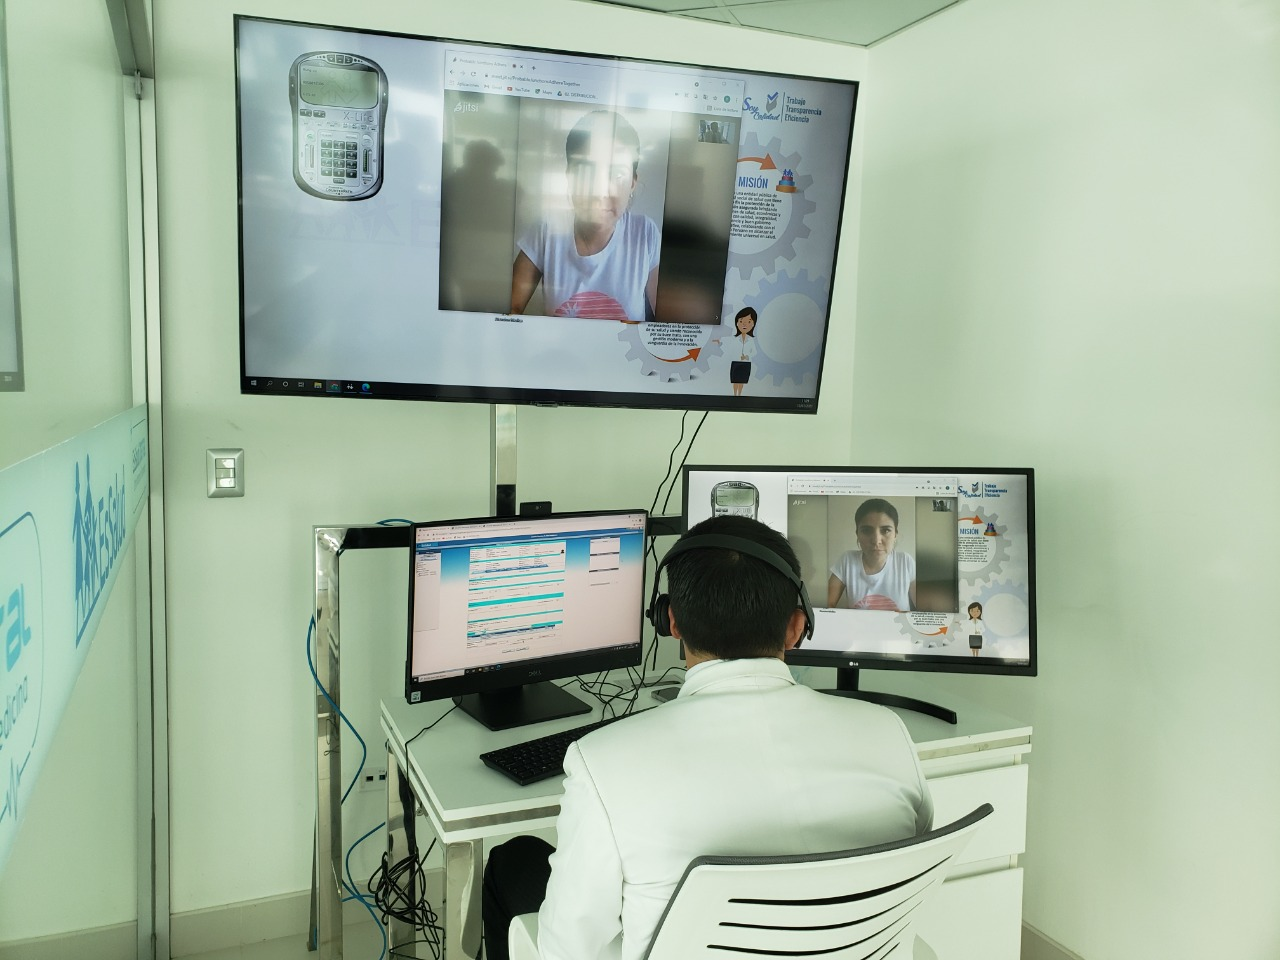 Essalud - Más de 900 mil consultas telefónicas, virtuales y presenciales brindó EsSalud Arequipa a pacientes No Covid, desde los inicios de la pandemia generada por el coronavirus